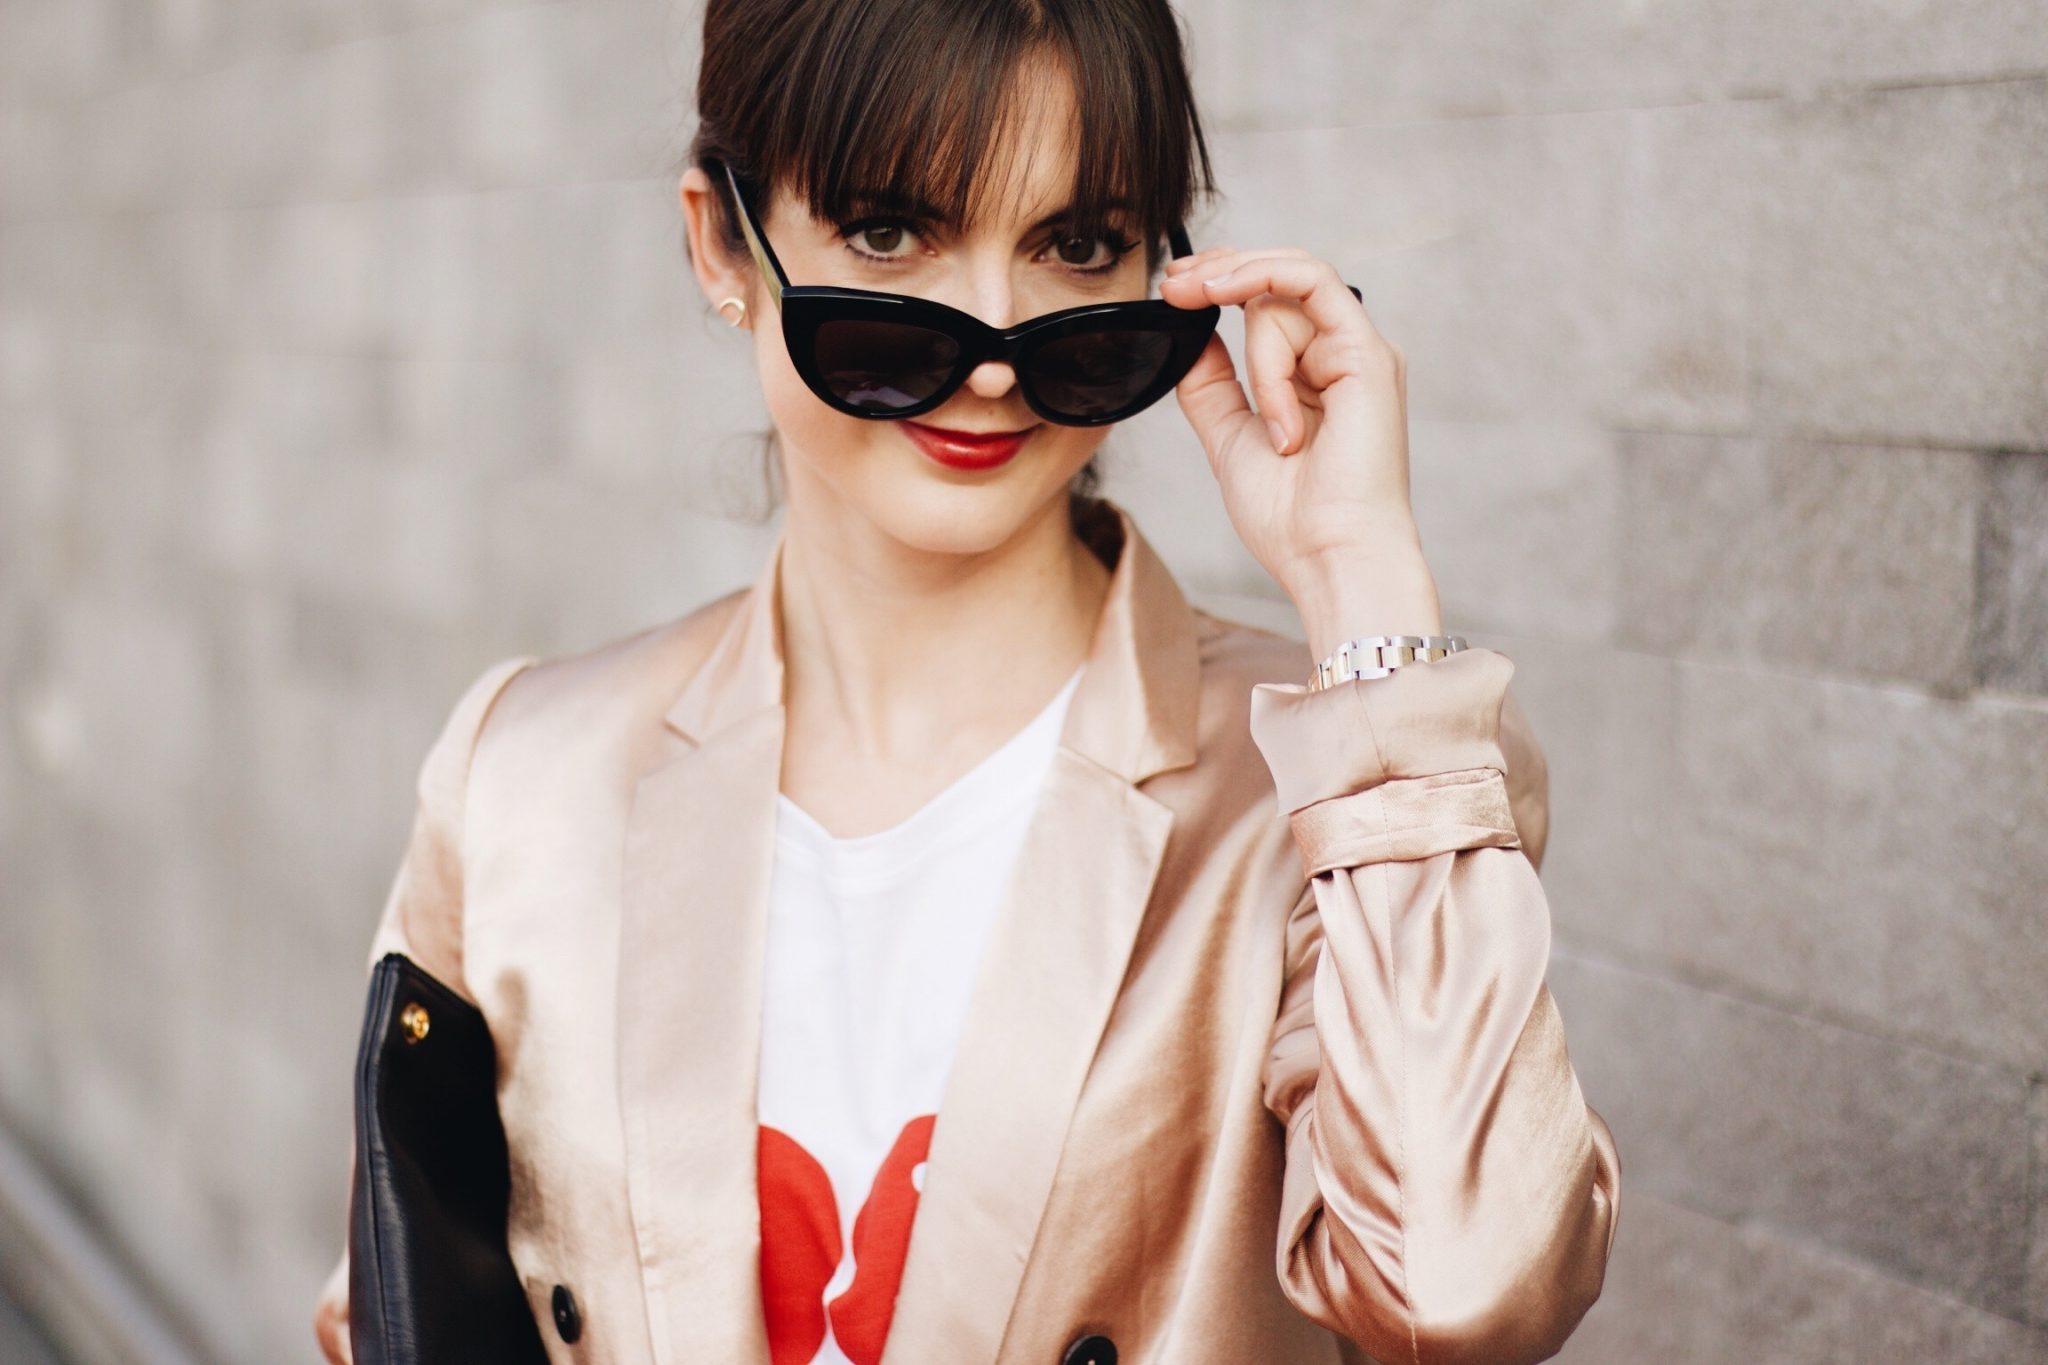 Sonnenbrille von Ace und Tate, Metallic Trend und Leo Pumps auf meinem Modeblog